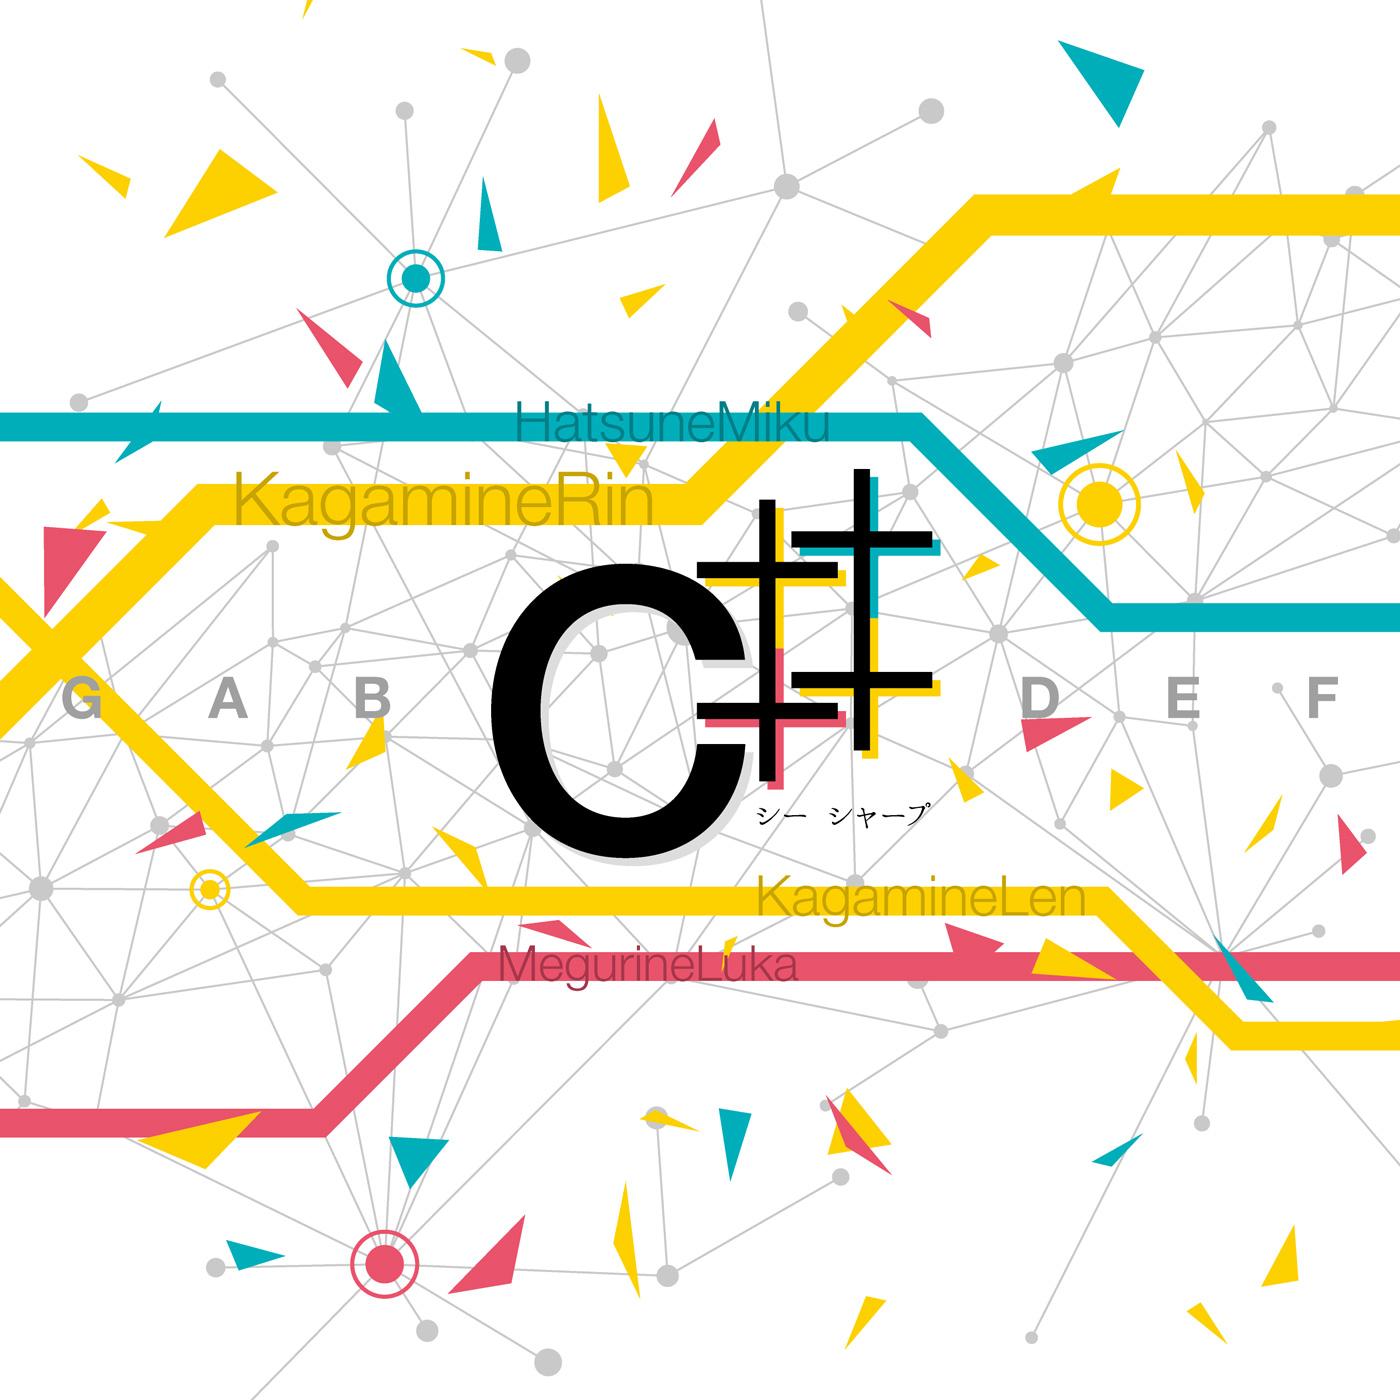 C++++ (album)